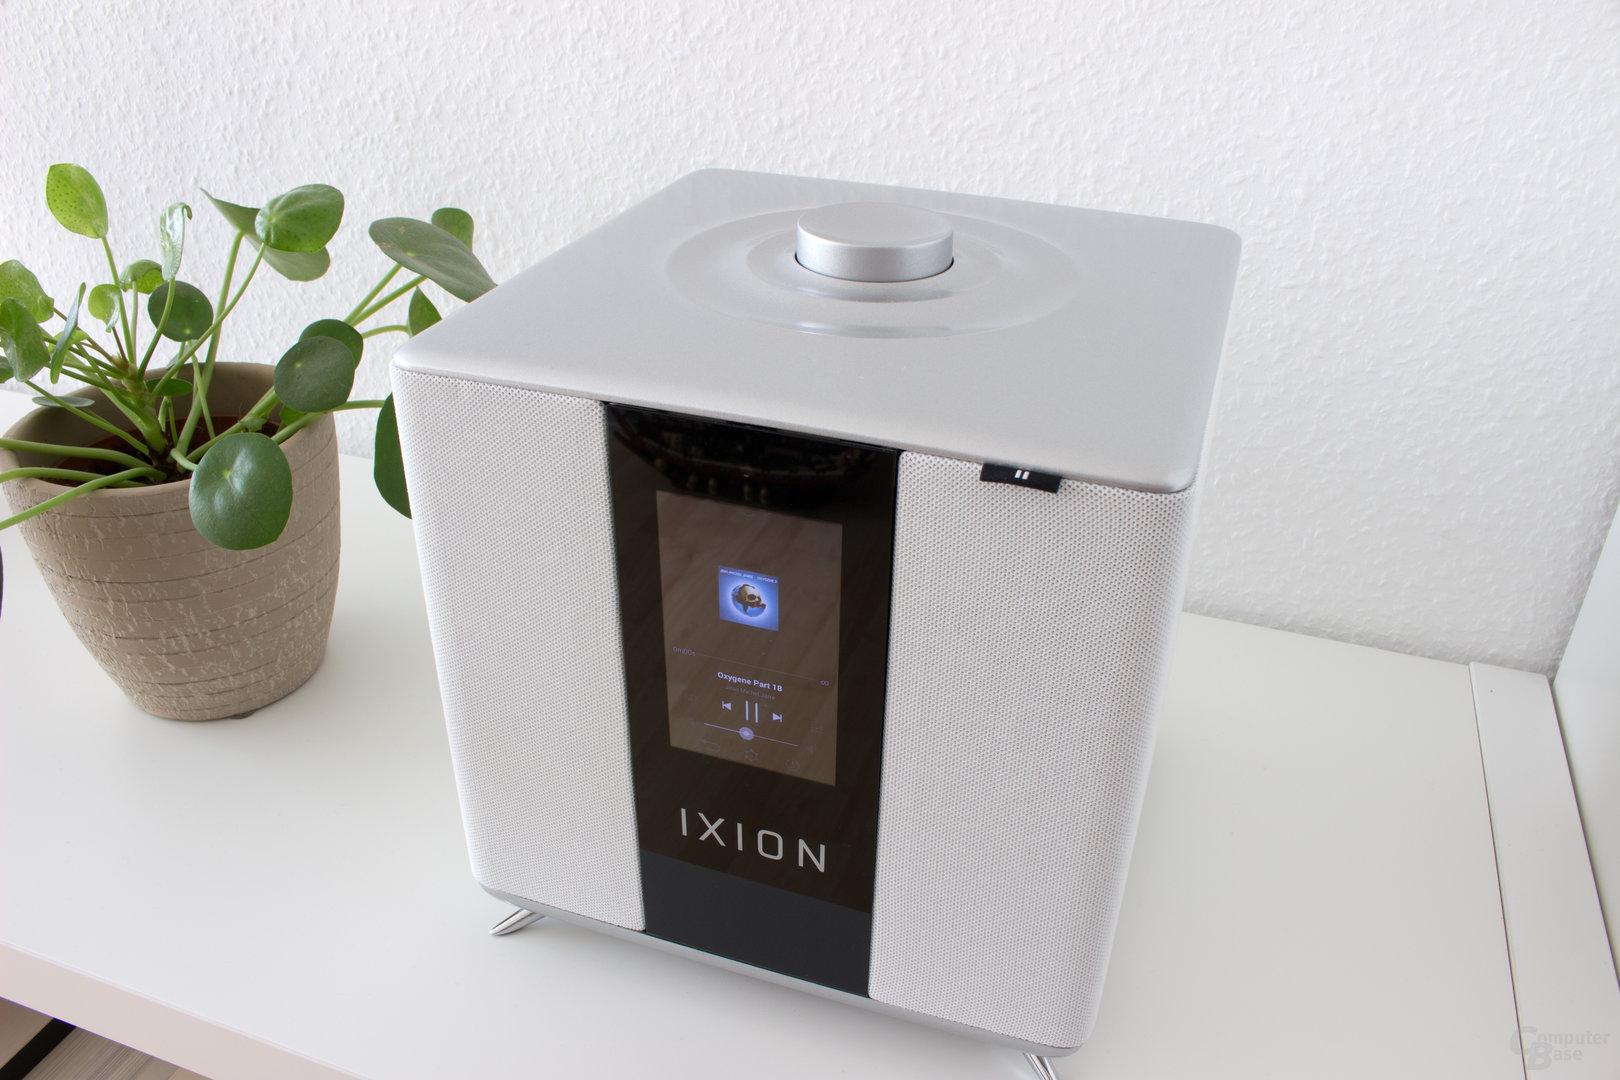 Der Drehknopf dient beim Ixion Maestro nur zur Lautstärkeregulierung